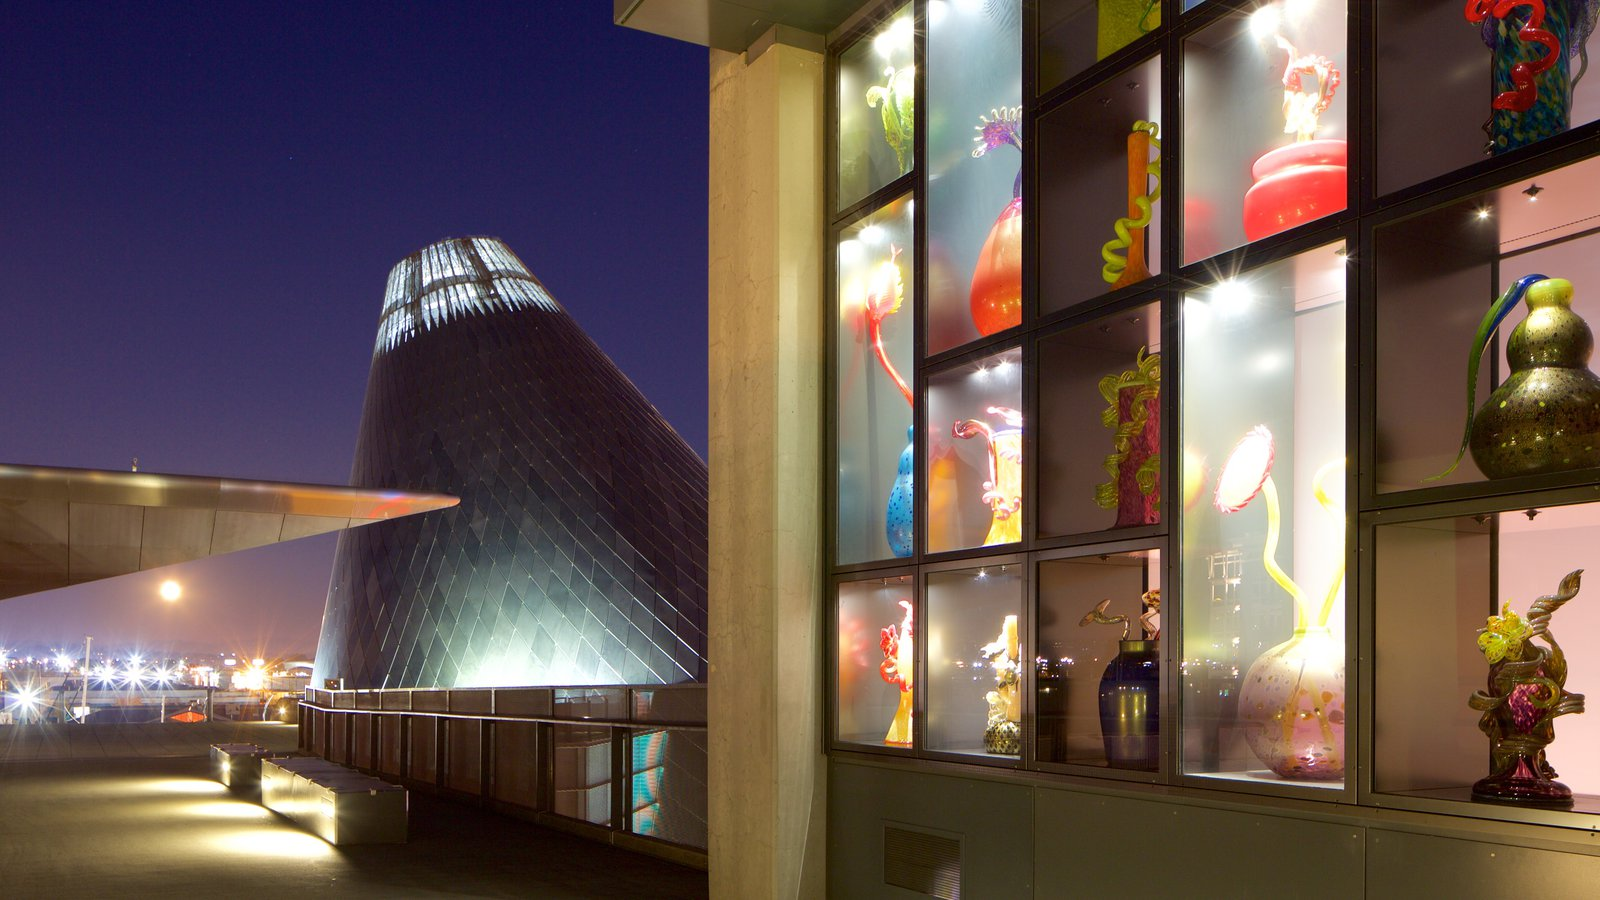 Museum of Glass mostrando arte, arquitetura moderna e cenas noturnas